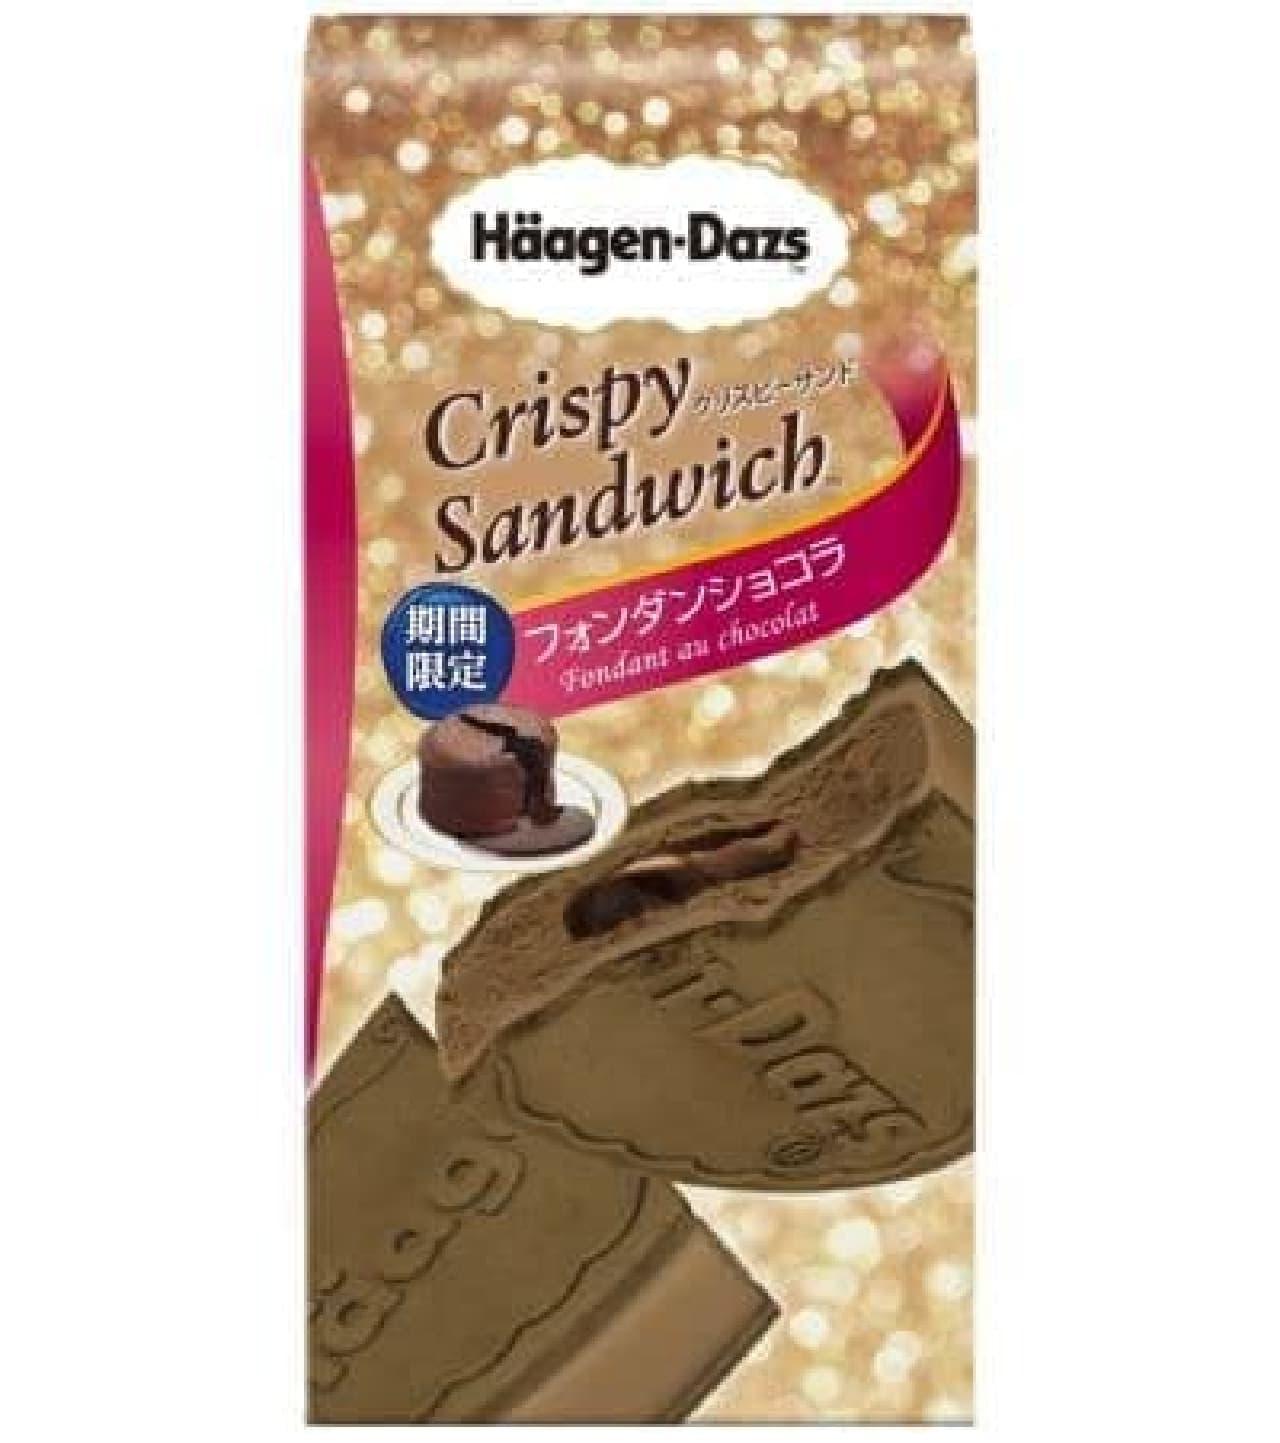 ハーゲンダッツ クリスピーサンドフォンダンショコラはチョコアイスをビターチョココーティングしココアウエハースでサンドしたアイス